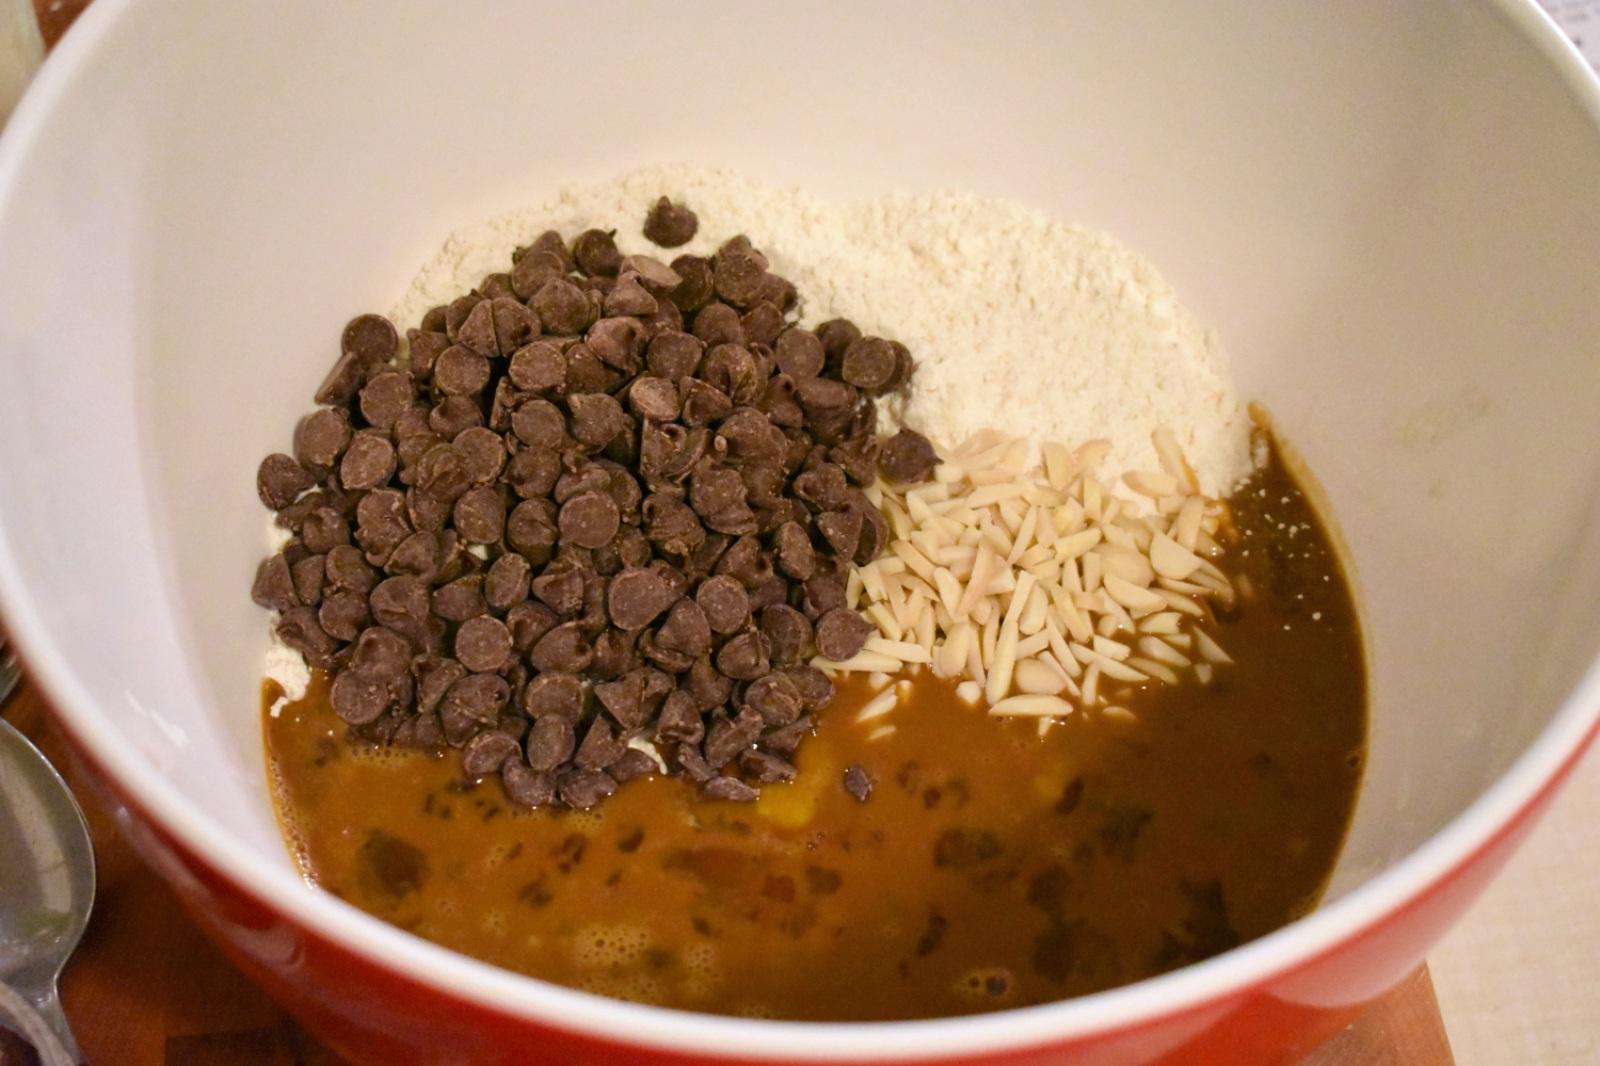 Mini biscottis au café et chocolat - Auboutdelalangue.com (6)